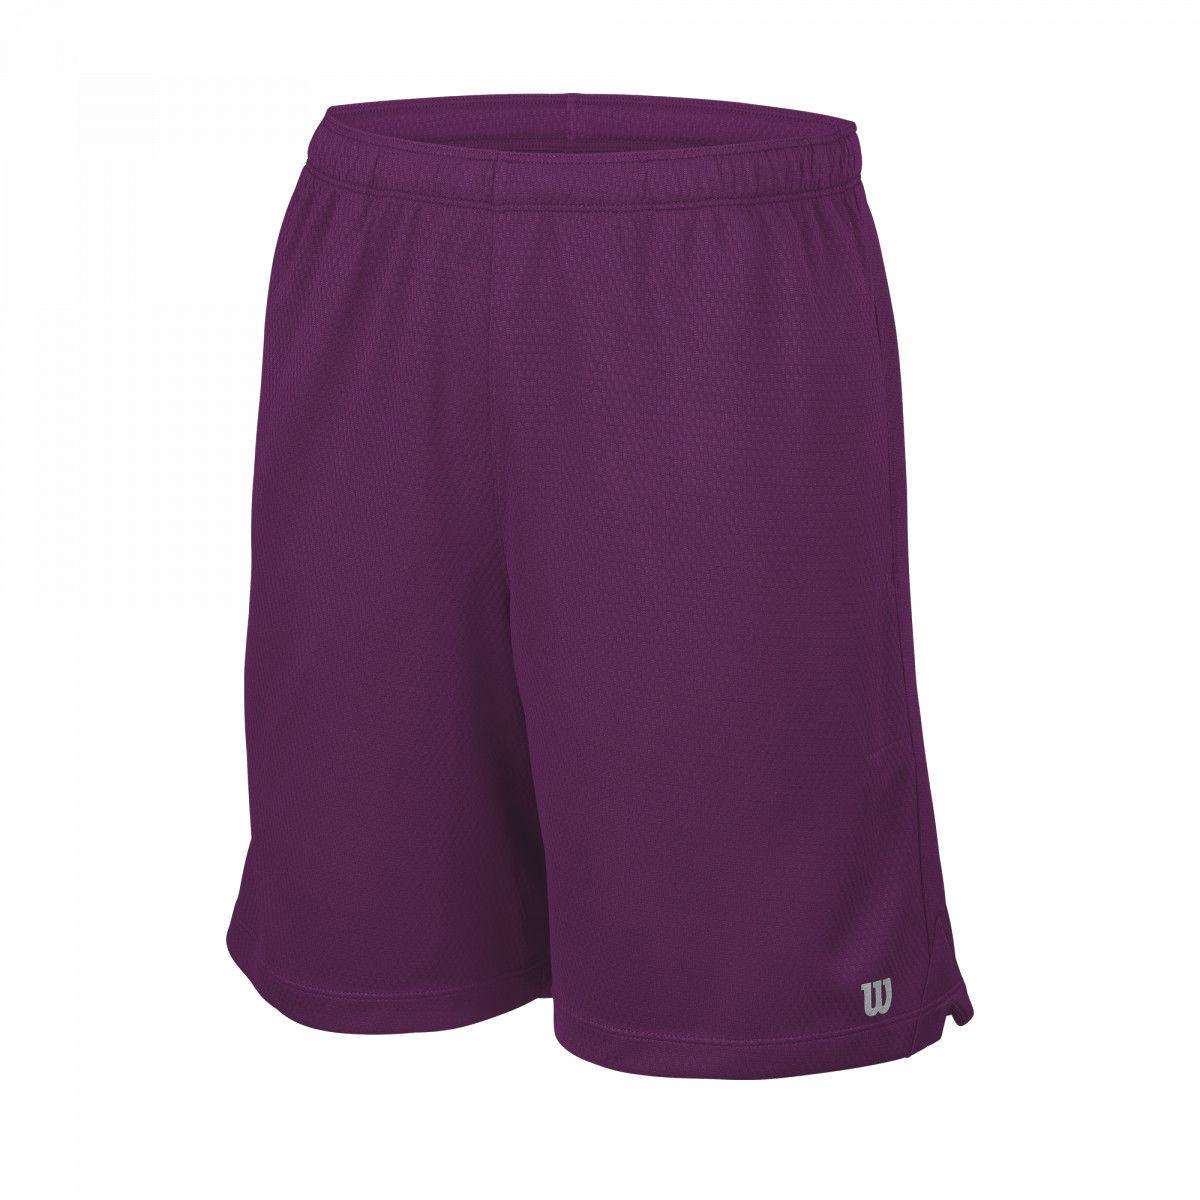 Wilson B Core 7 Knit Short - purple